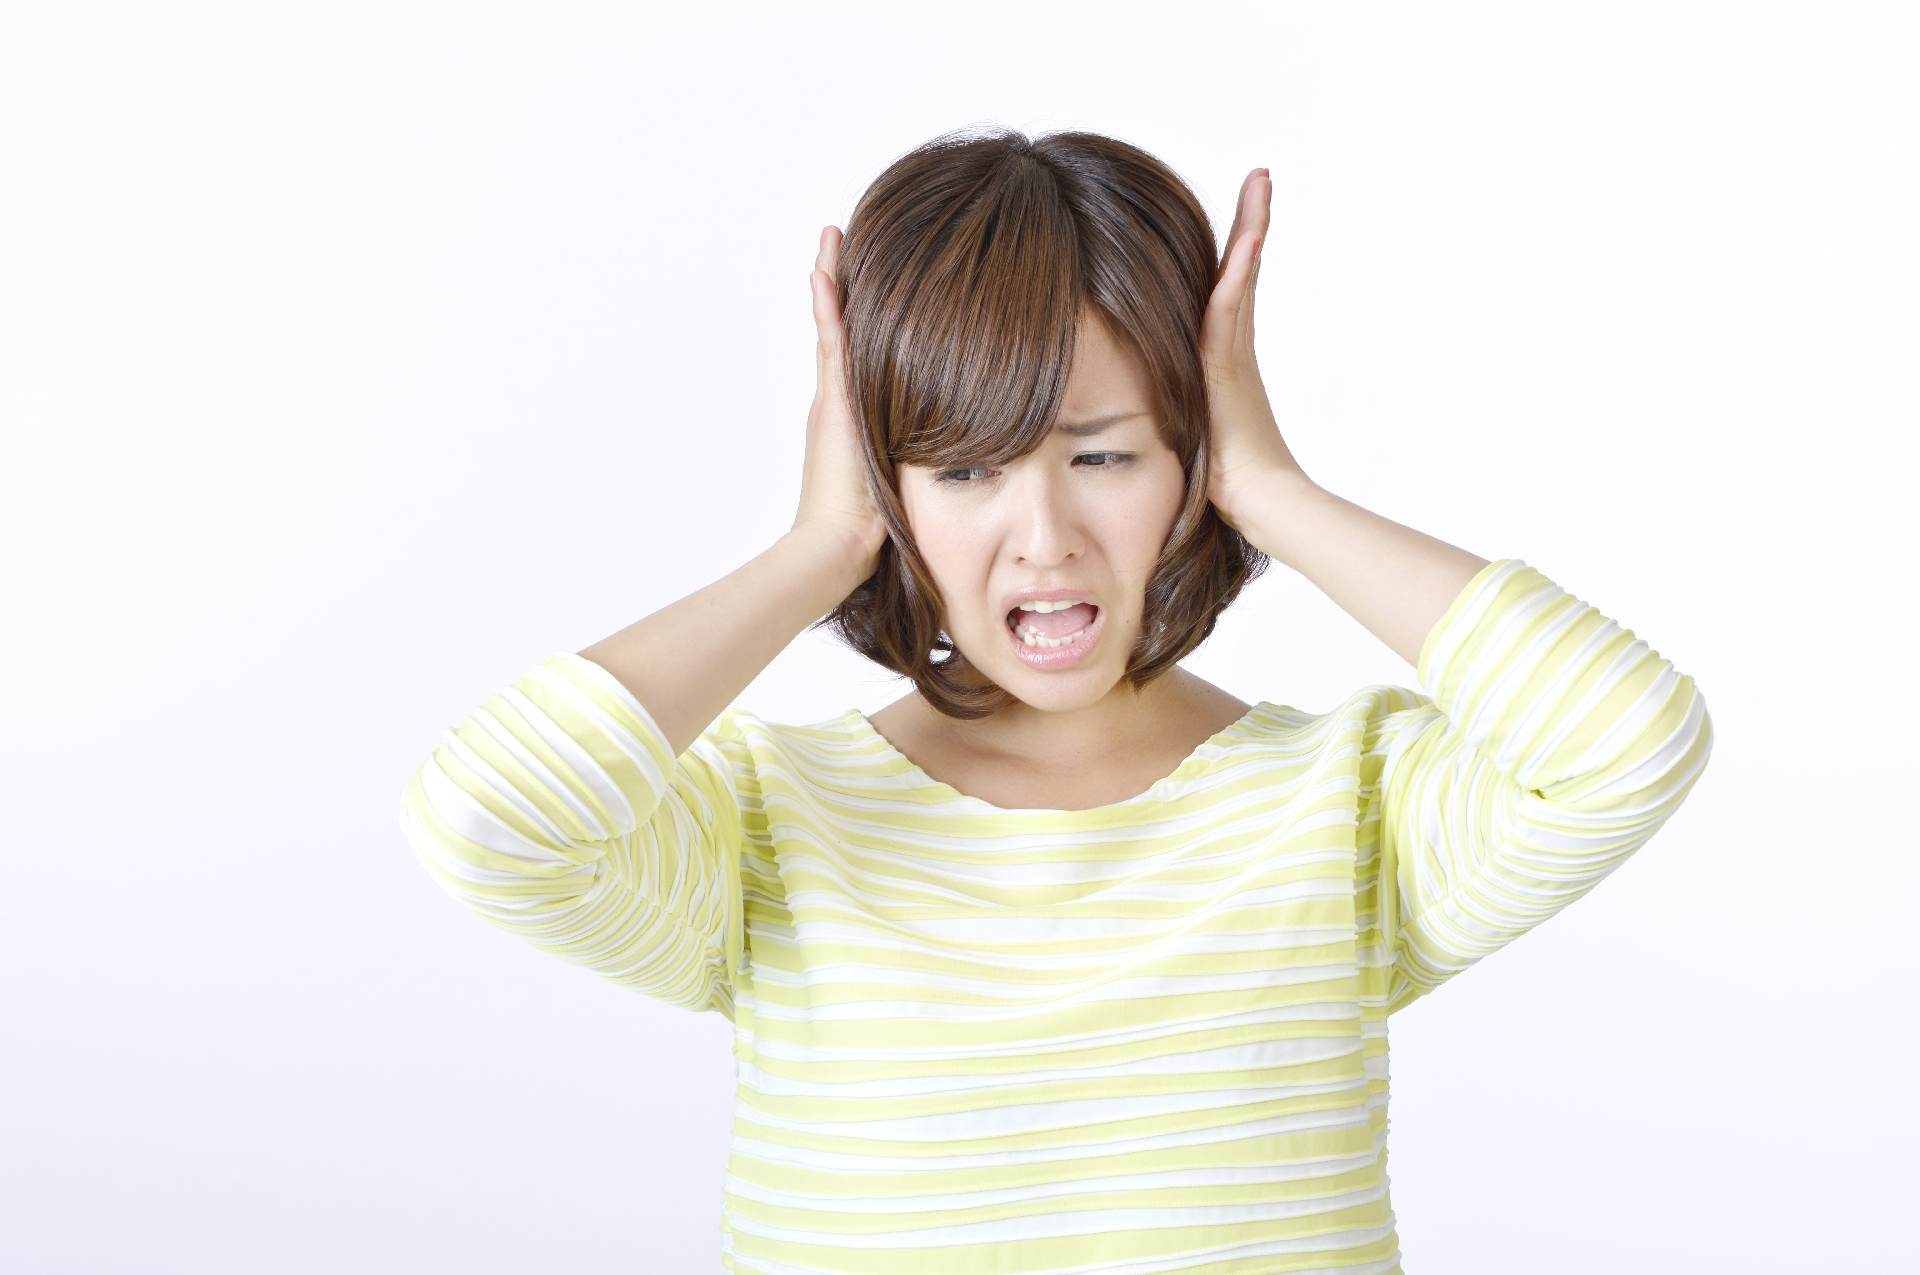 耳鳴りとは耳の細胞が死んでいく音! カフェインで耳鳴りを改善できる?